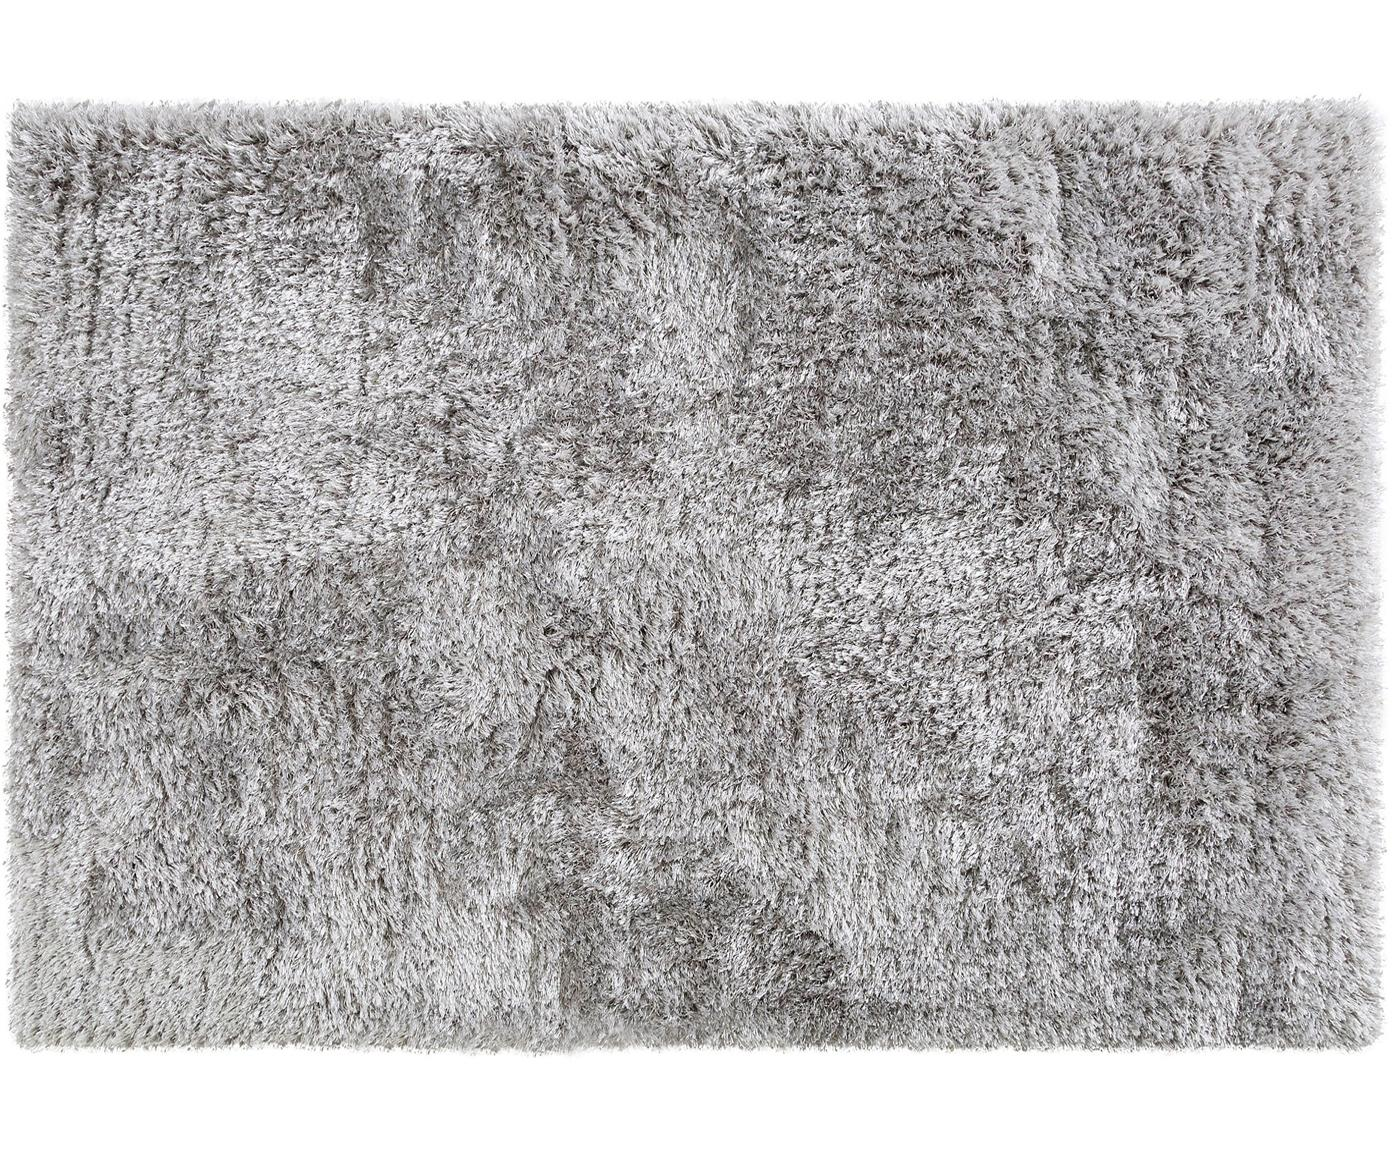 Glanzend hoogpolig vloerkleed Lea, 50% polyester, 50% polypropyleen, Grijs, B 140 x L 200 cm (maat S)